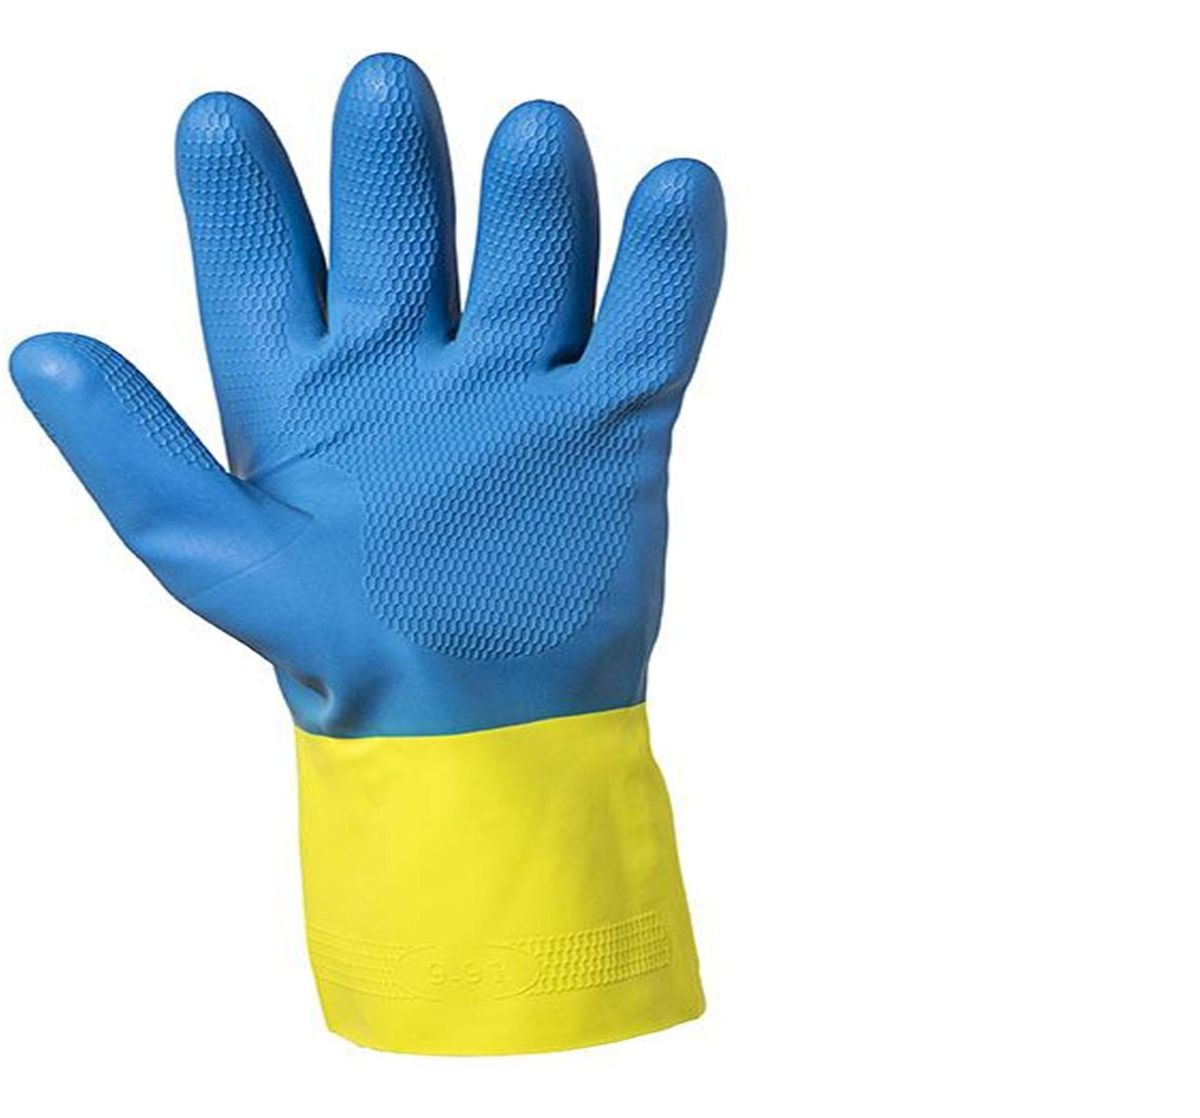 Перчатки хозяйственные Jackson Safety G80, размер 9 (L), цвет: желтый, голубой, 60 пар38743Защитные перчатки JACKSON SAFETY® G80 латекс/неопрен для защиты от химических веществ подходят для целого спектра областей применения: обеспечивают надежную защиту от воздействия химических веществ. Относятся к СИЗ категории III (CE Complex), а также обеспечивают защиту от механического воздействия в тех областях, где работают с химическими веществами, маслами, густыми смазками, кислотами, каустическими средствами или растворителями. Разрешен контакт с пищевыми продуктами. Поставляются в виде пары перчаток с индивидуальным дизайном для левой и правой руки; толщина 0,70 мм; имеют неопреновое покрытие поверх латекса для обеспечения максимальной защиты, а также для улучшения гибкости материала. Удлиненные манжеты, текстурированный материал в области ладони обеспечивает отличный захват при работе сухими/влажными поверхностями; хлопковое напыление на внутренней стороне перчатки обеспечивает легкость при надевании/снятии перчатки, а также комфорт при длительном использовании. Хлорированы для снижения воздействия латексных протеинов на кожу.Размеры:38741 - S (7)38742 - M (8)38743 - L (9)38744 - XL (10)